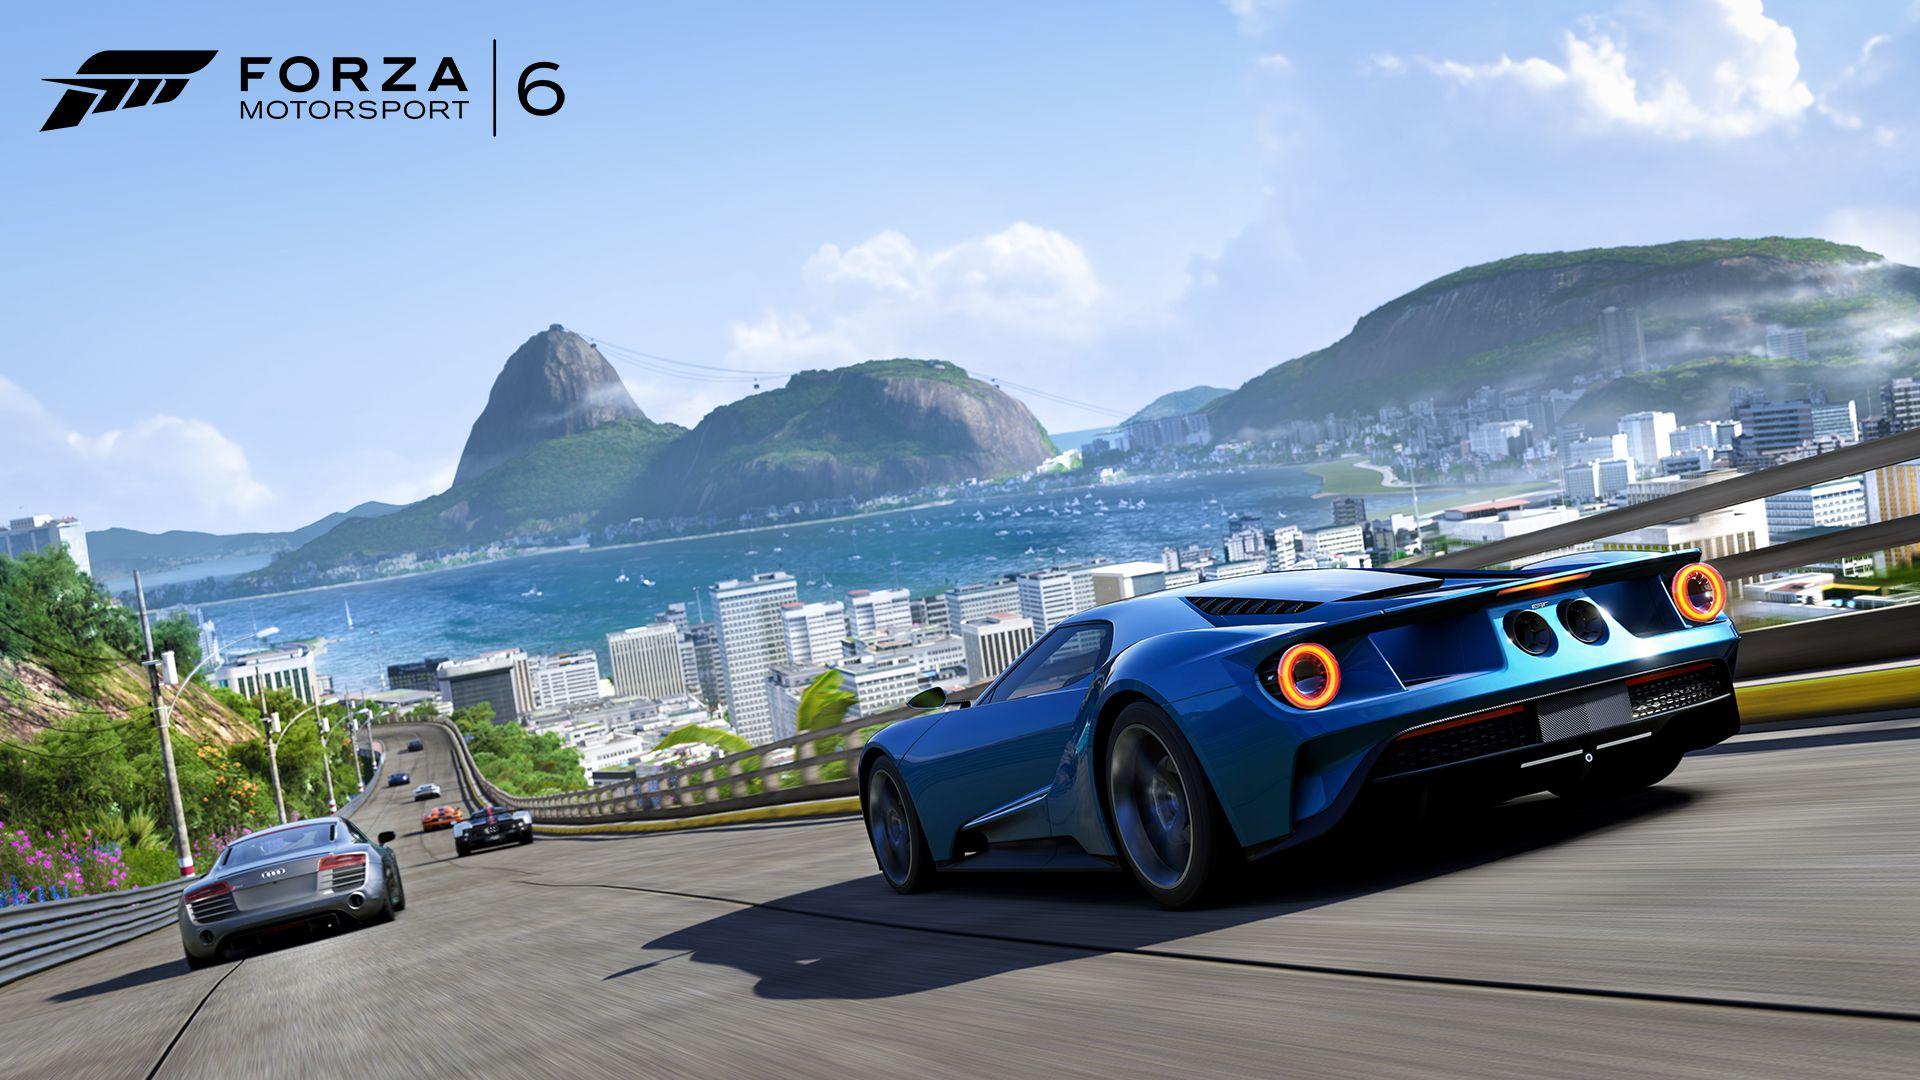 Detaily o tratích a autech ve Forza Motorsport 6 110363